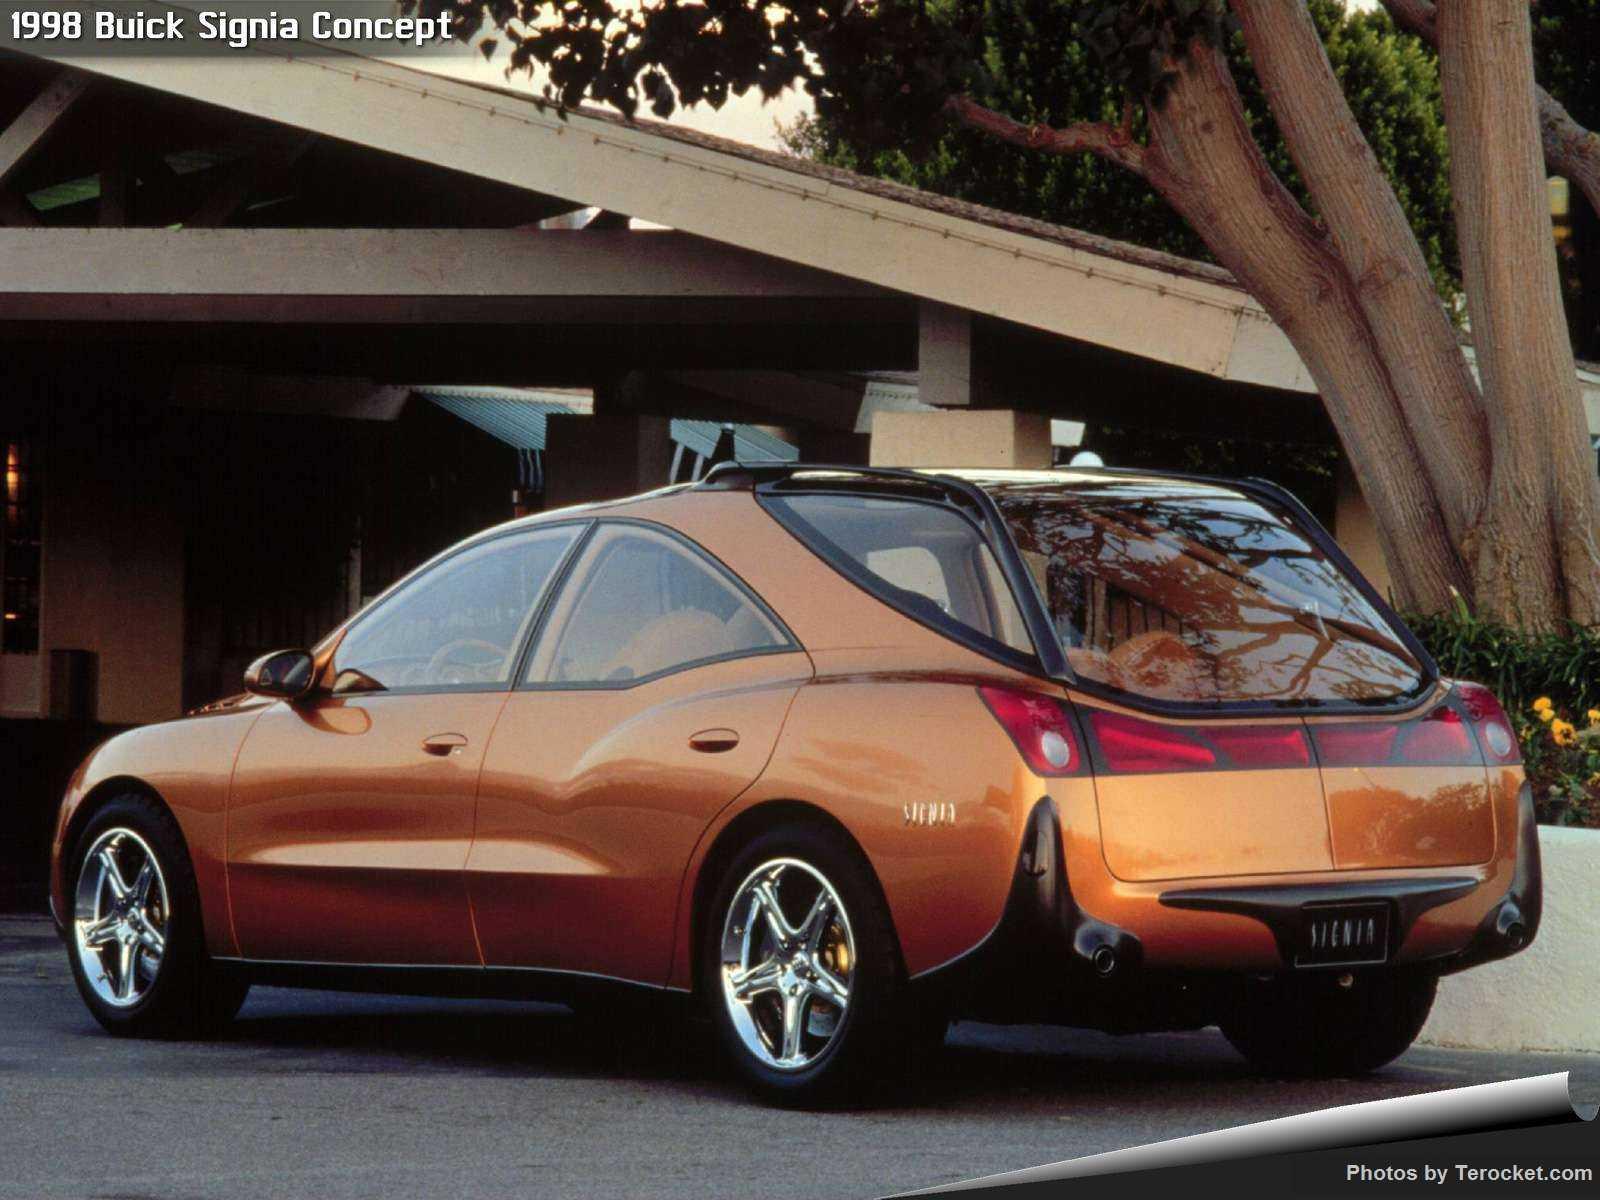 Hình ảnh xe ô tô Buick Signia Concept 1998 & nội ngoại thất